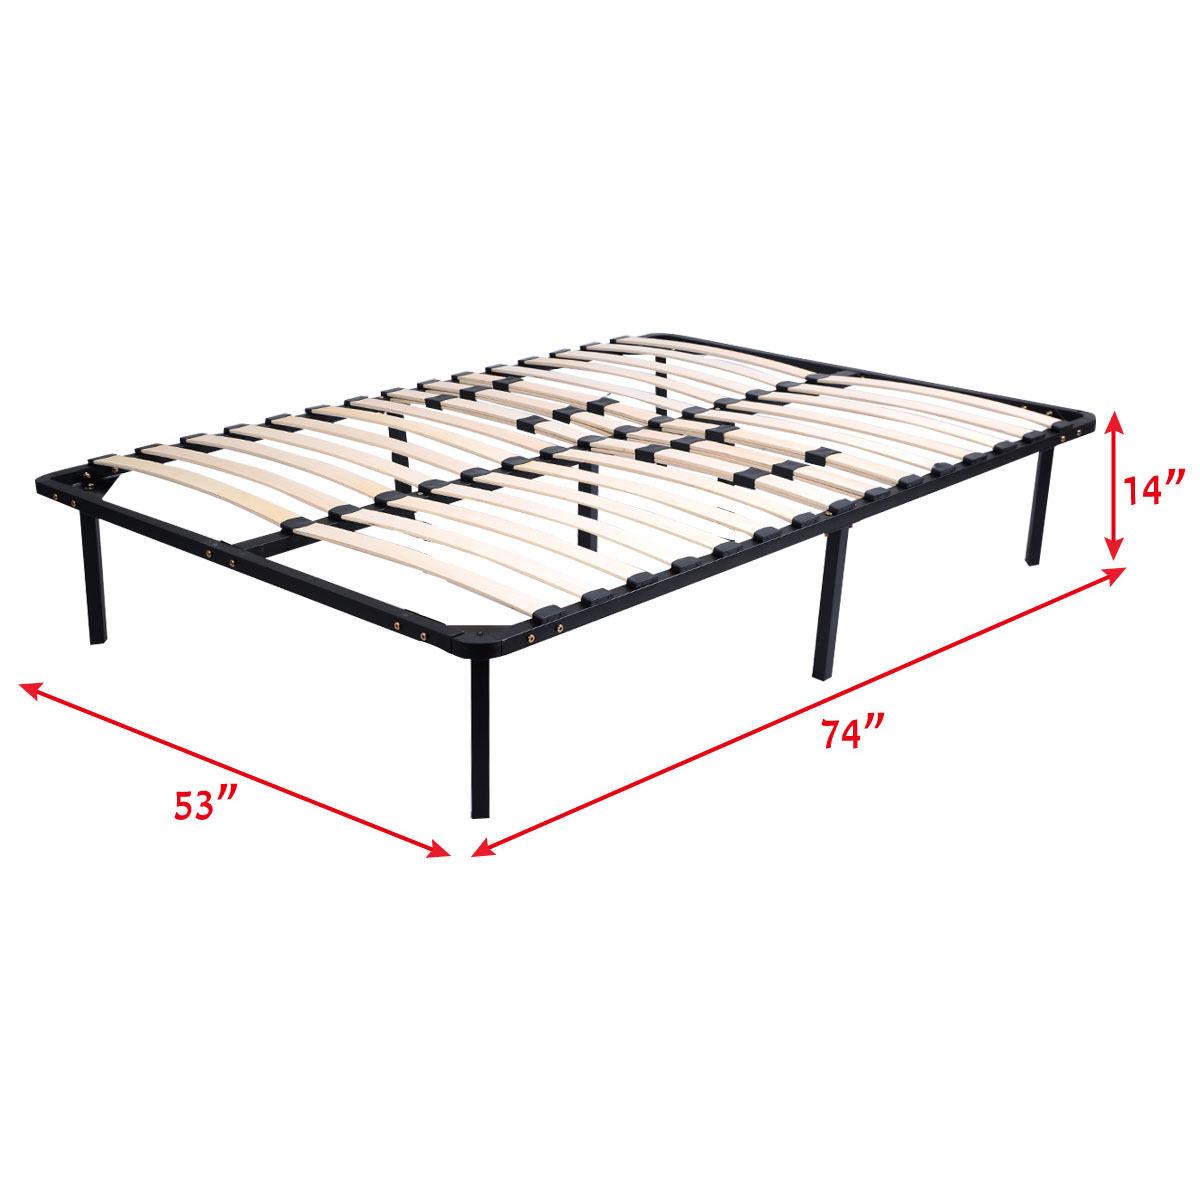 Wood Slats Metal Bed Frame Platform Mattress Foundation